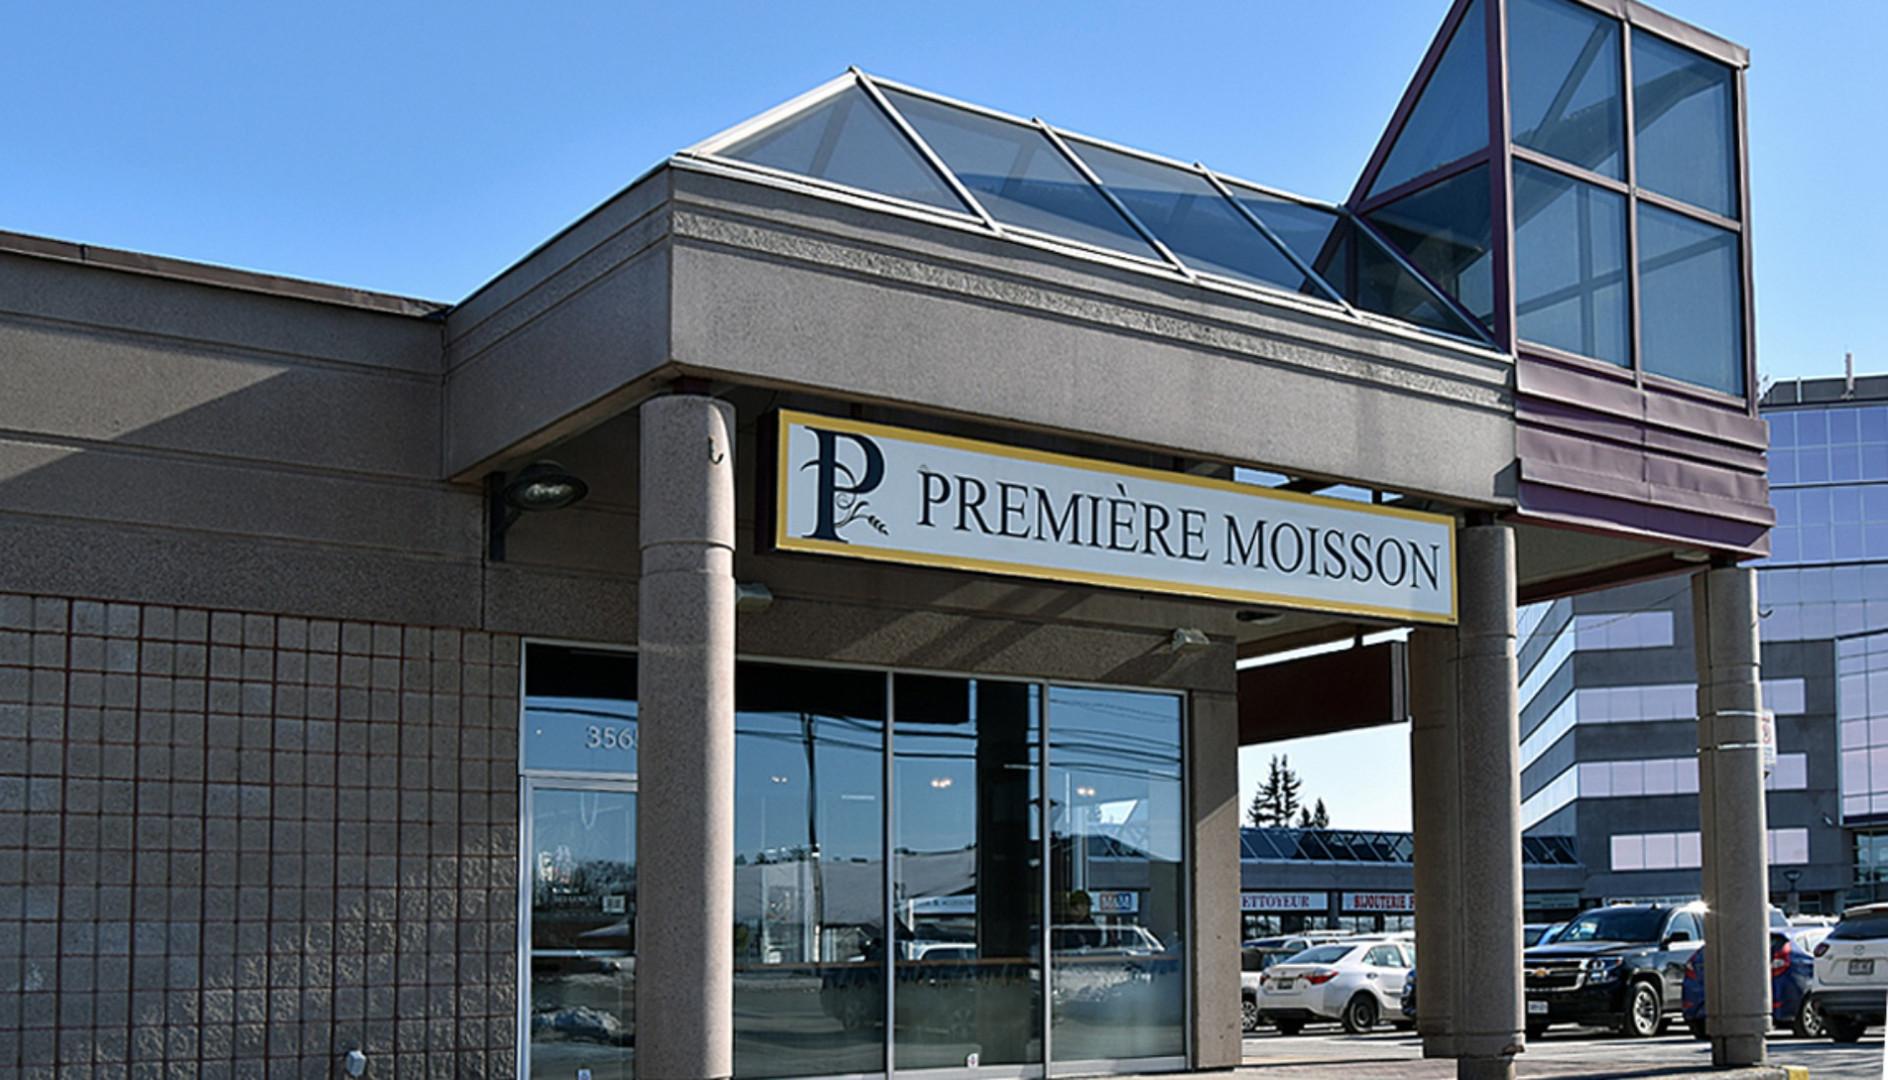 Premiere Moisson - Pointe-Claire